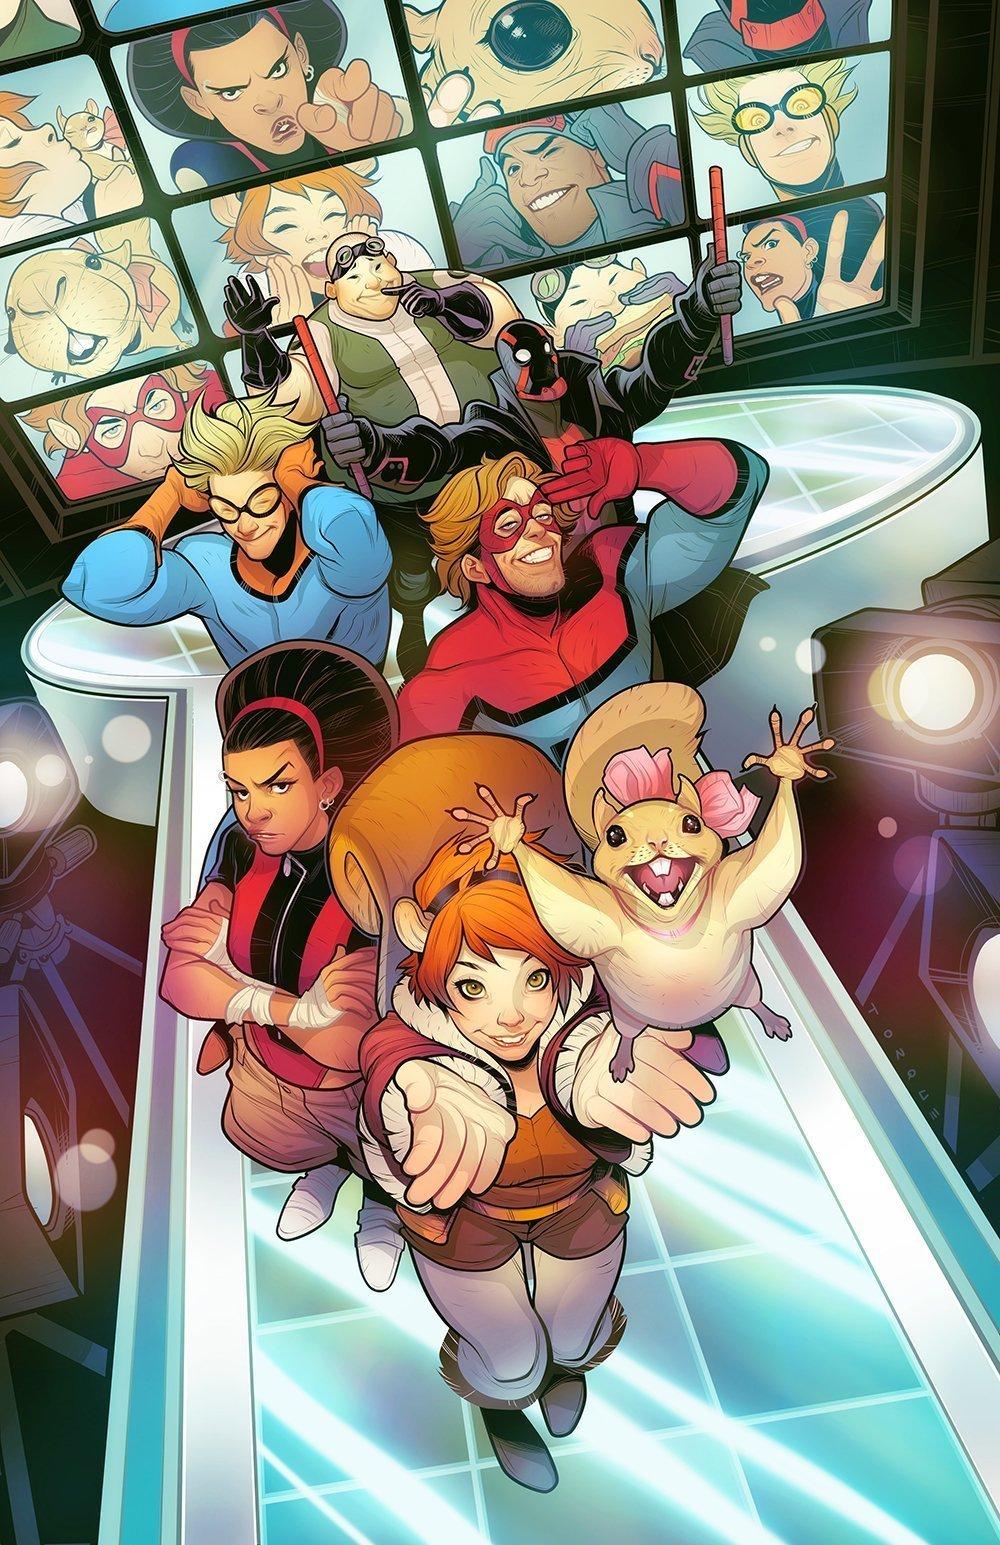 Image de l'équipe des New Warriors de Marvel Comics